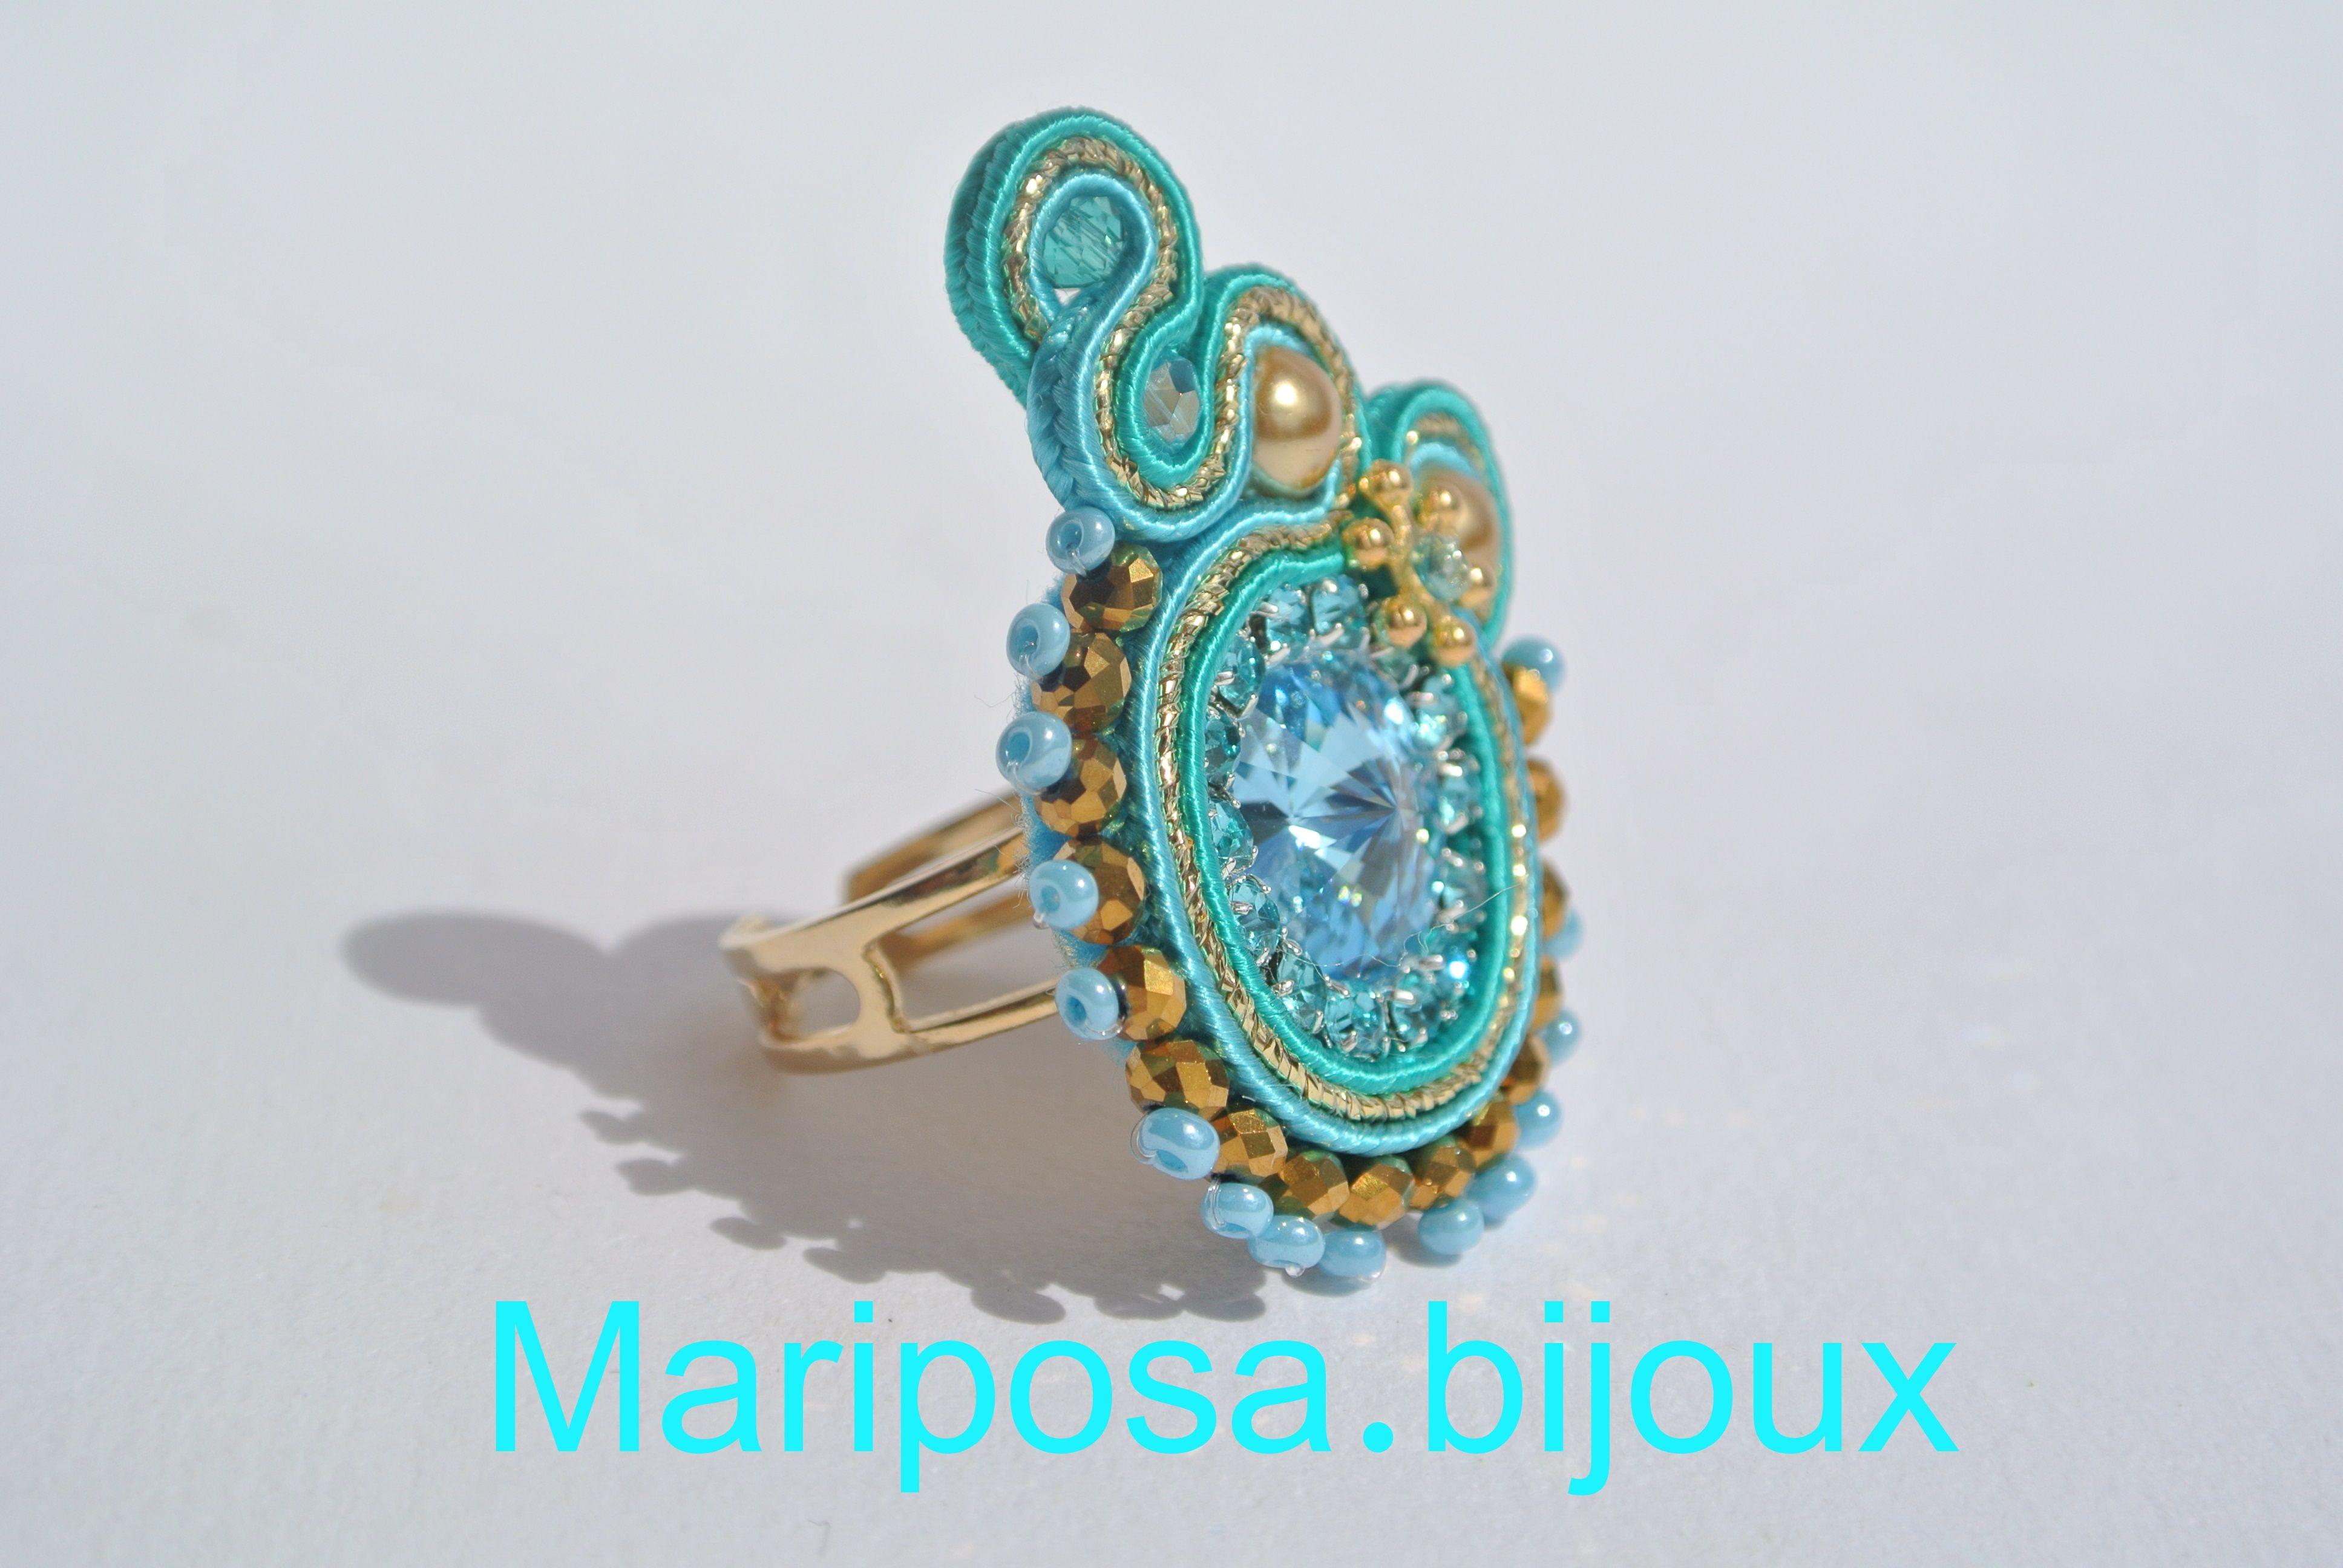 Anello realizzato con Cabochon Swarovski Elements.Strass.Perle Oro.Perline Rocailles cucite a mano.Soutache Verde Smeraldo,Turchese e Oro lurex